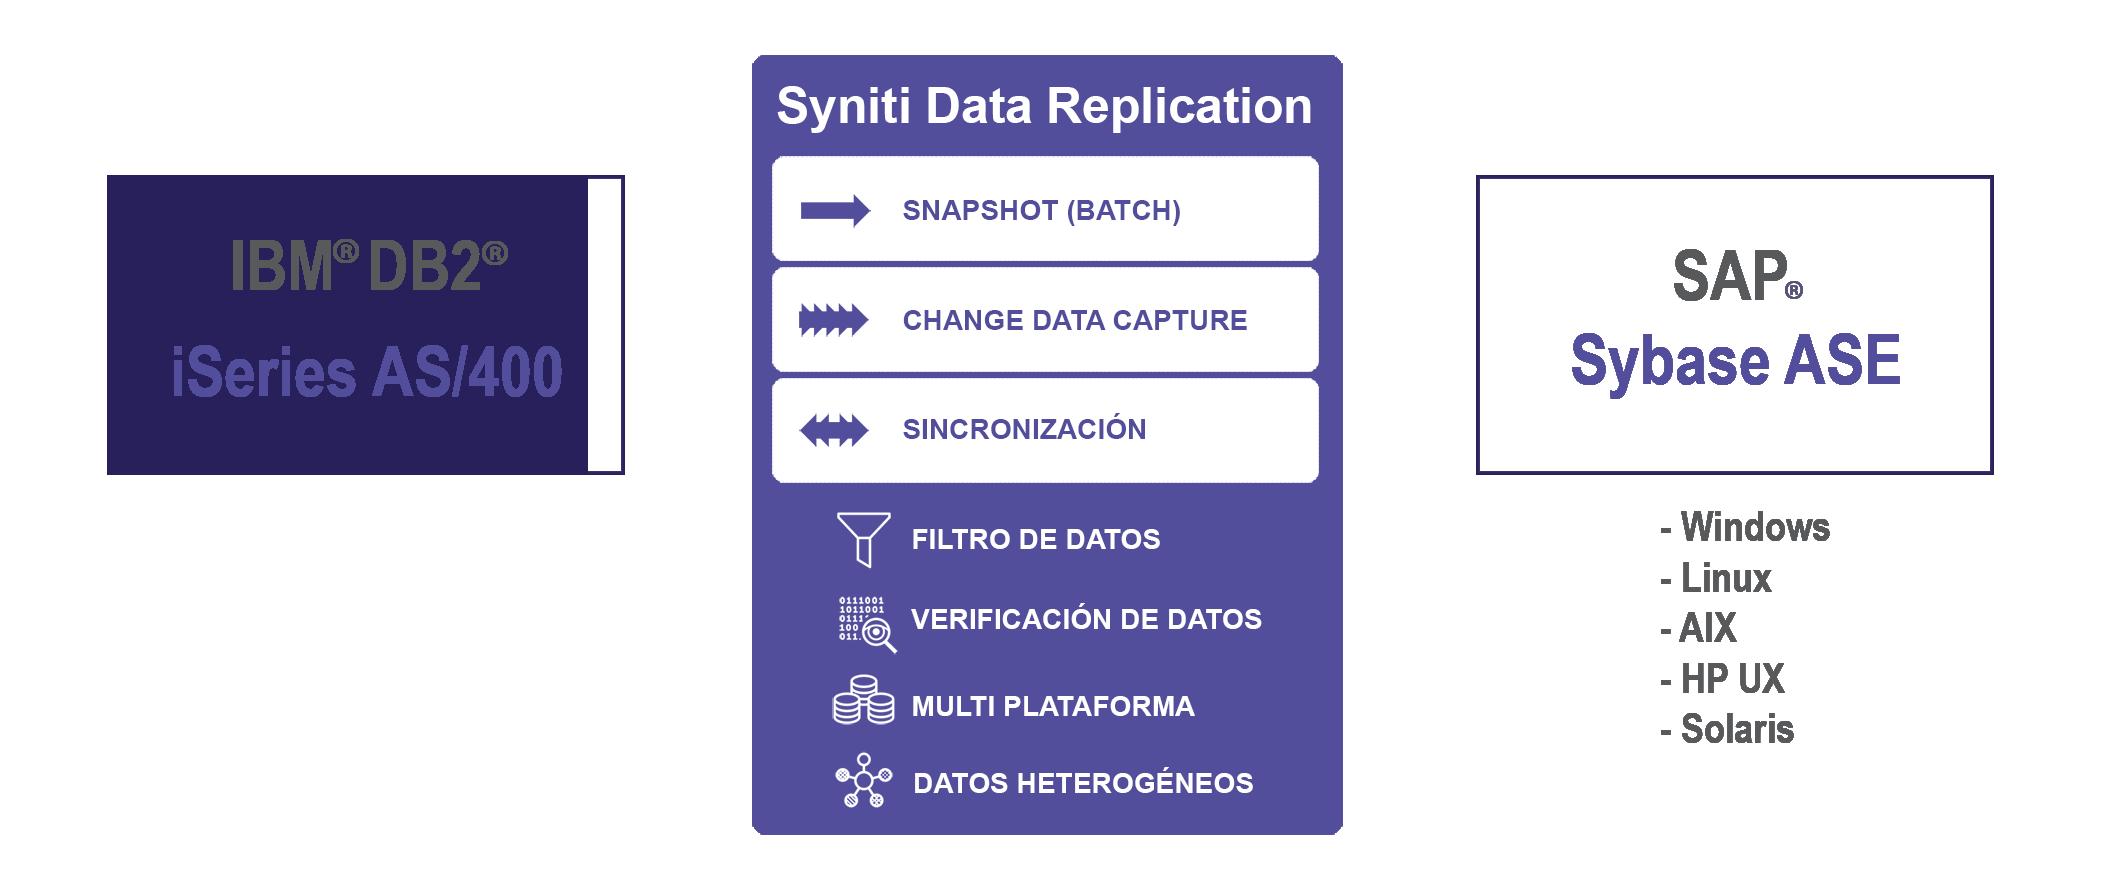 Replicacion de datos DB2 AS400 a Sybase ASE